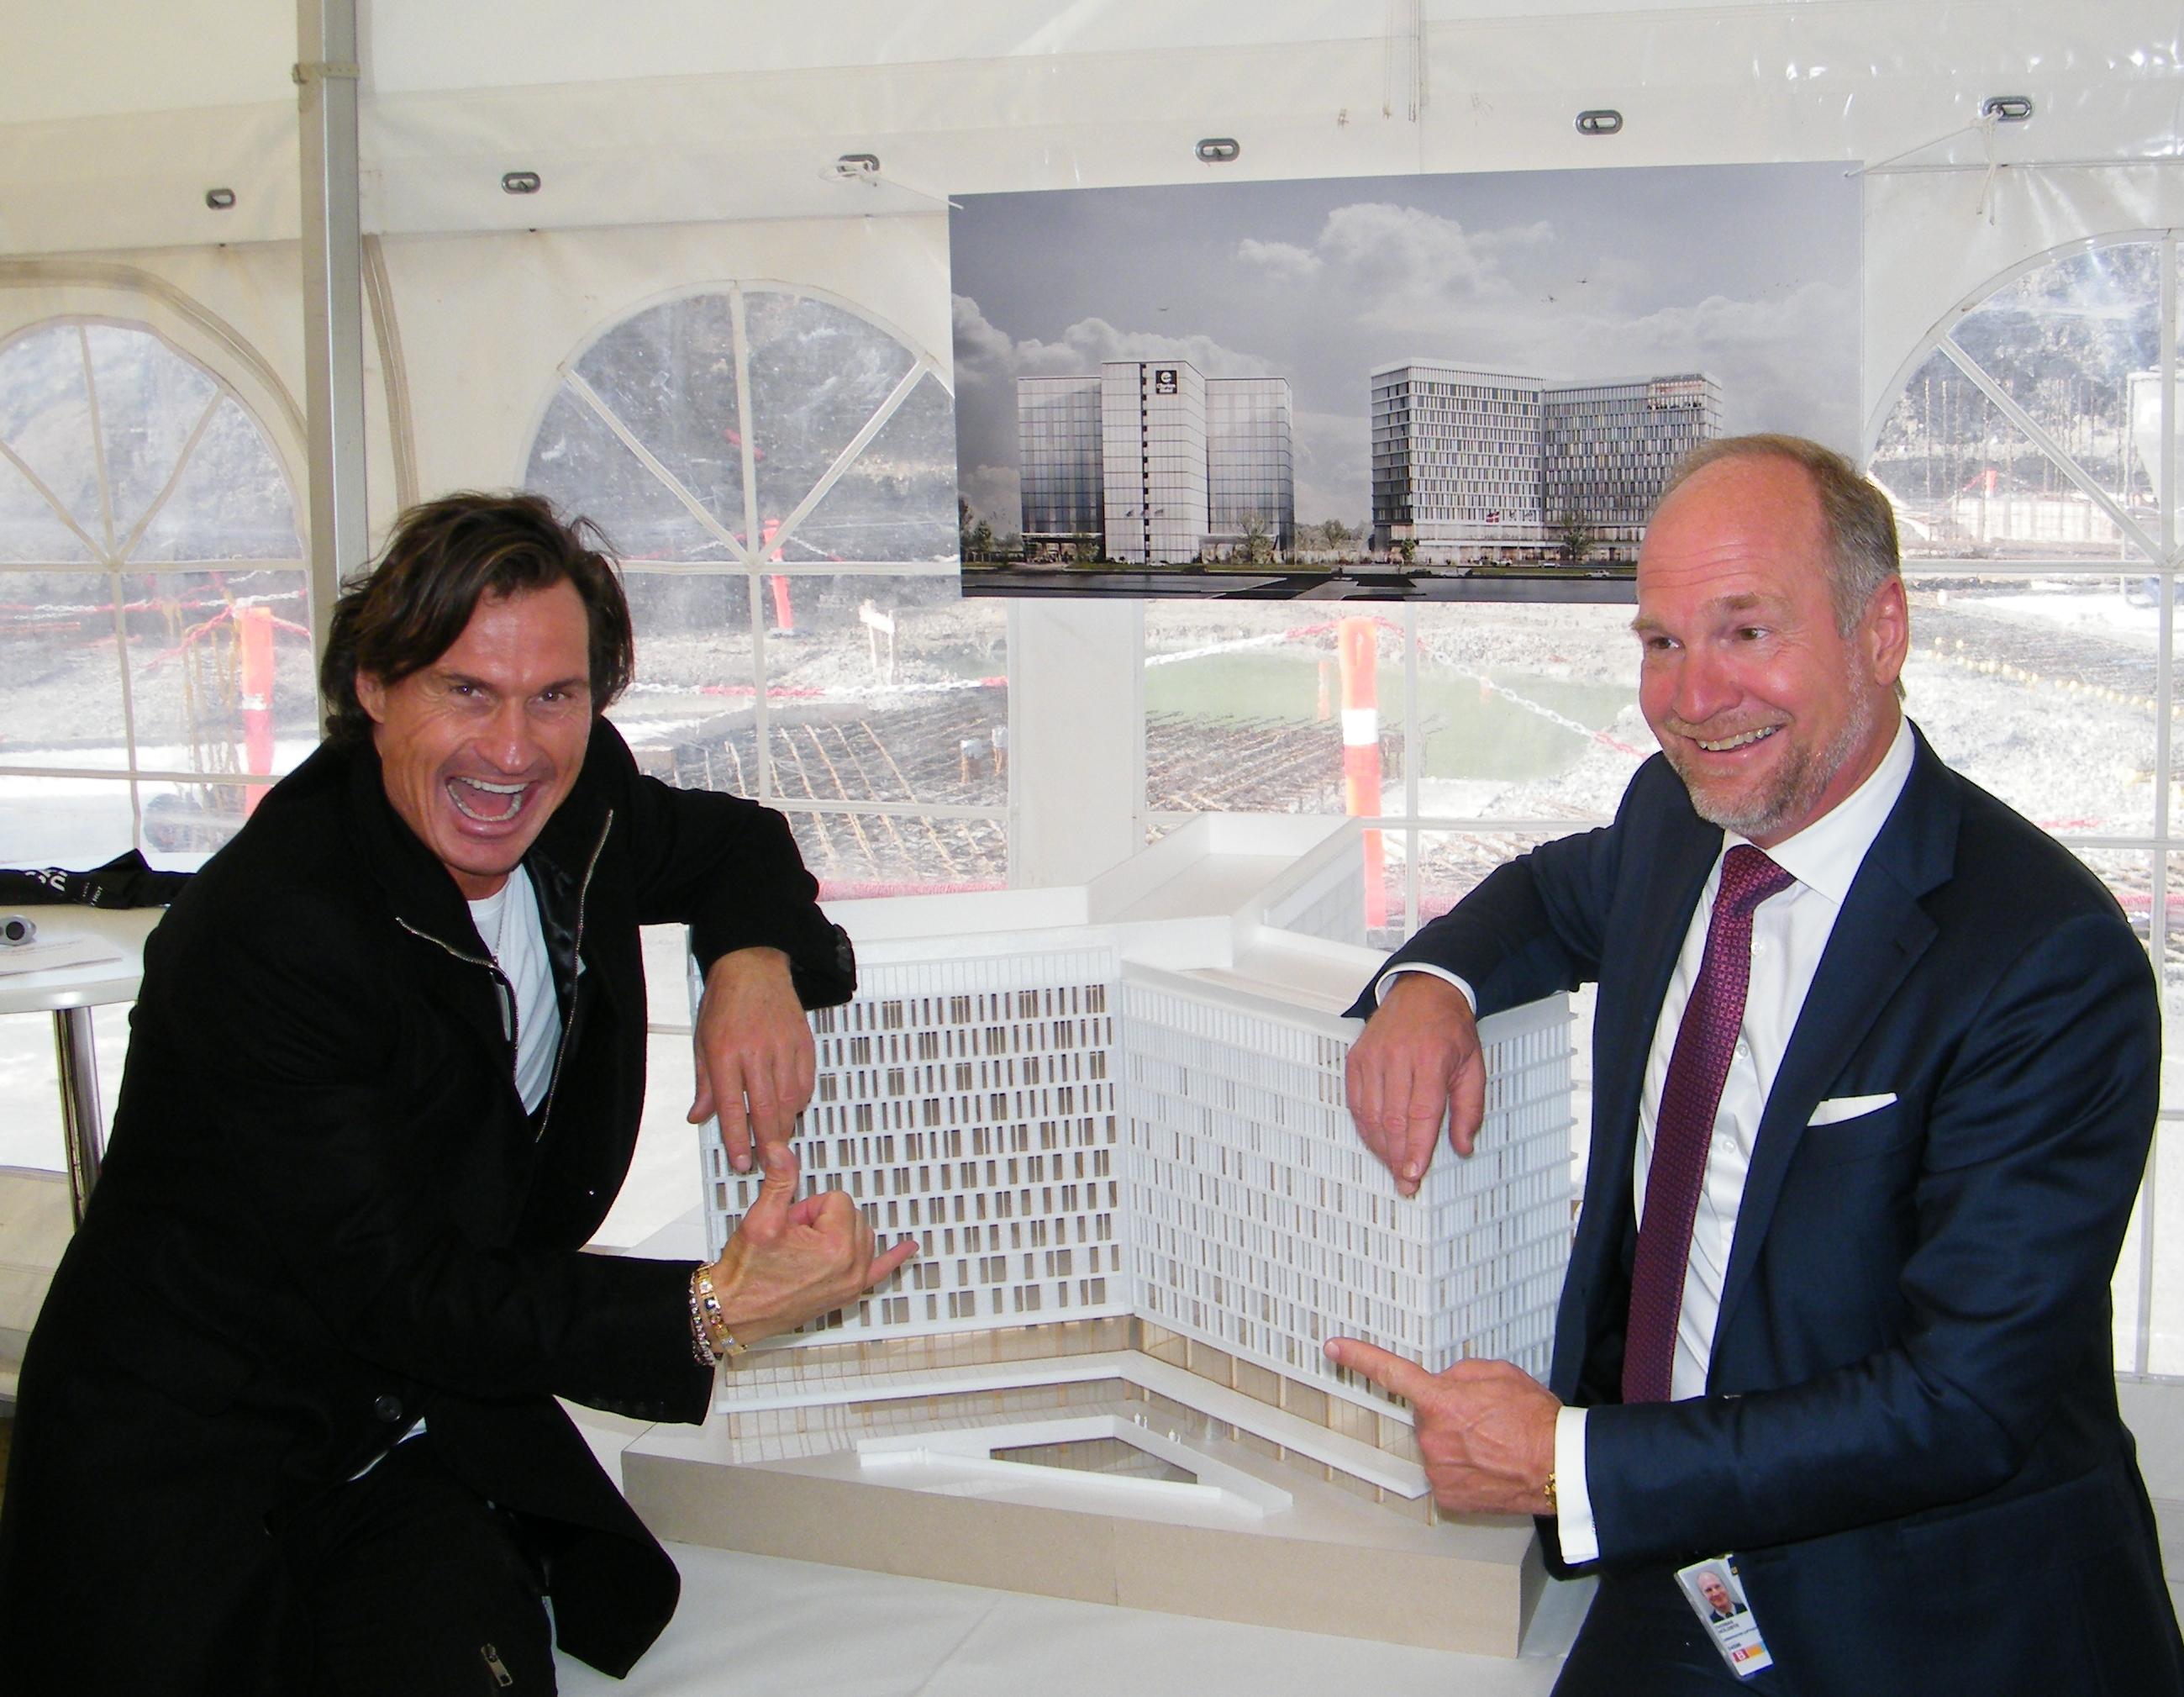 Ejer og koncernchef for Nordic Choice Hotels, der skal drive Comfort-hotellet i Københavns Lufthavn, Petter A. Stordalen, til venstre, med lufthavnens administrerende direktør, Thomas Woldbye, ved en model af det kommende storhotel. Foto: Henrik Baumgarten.